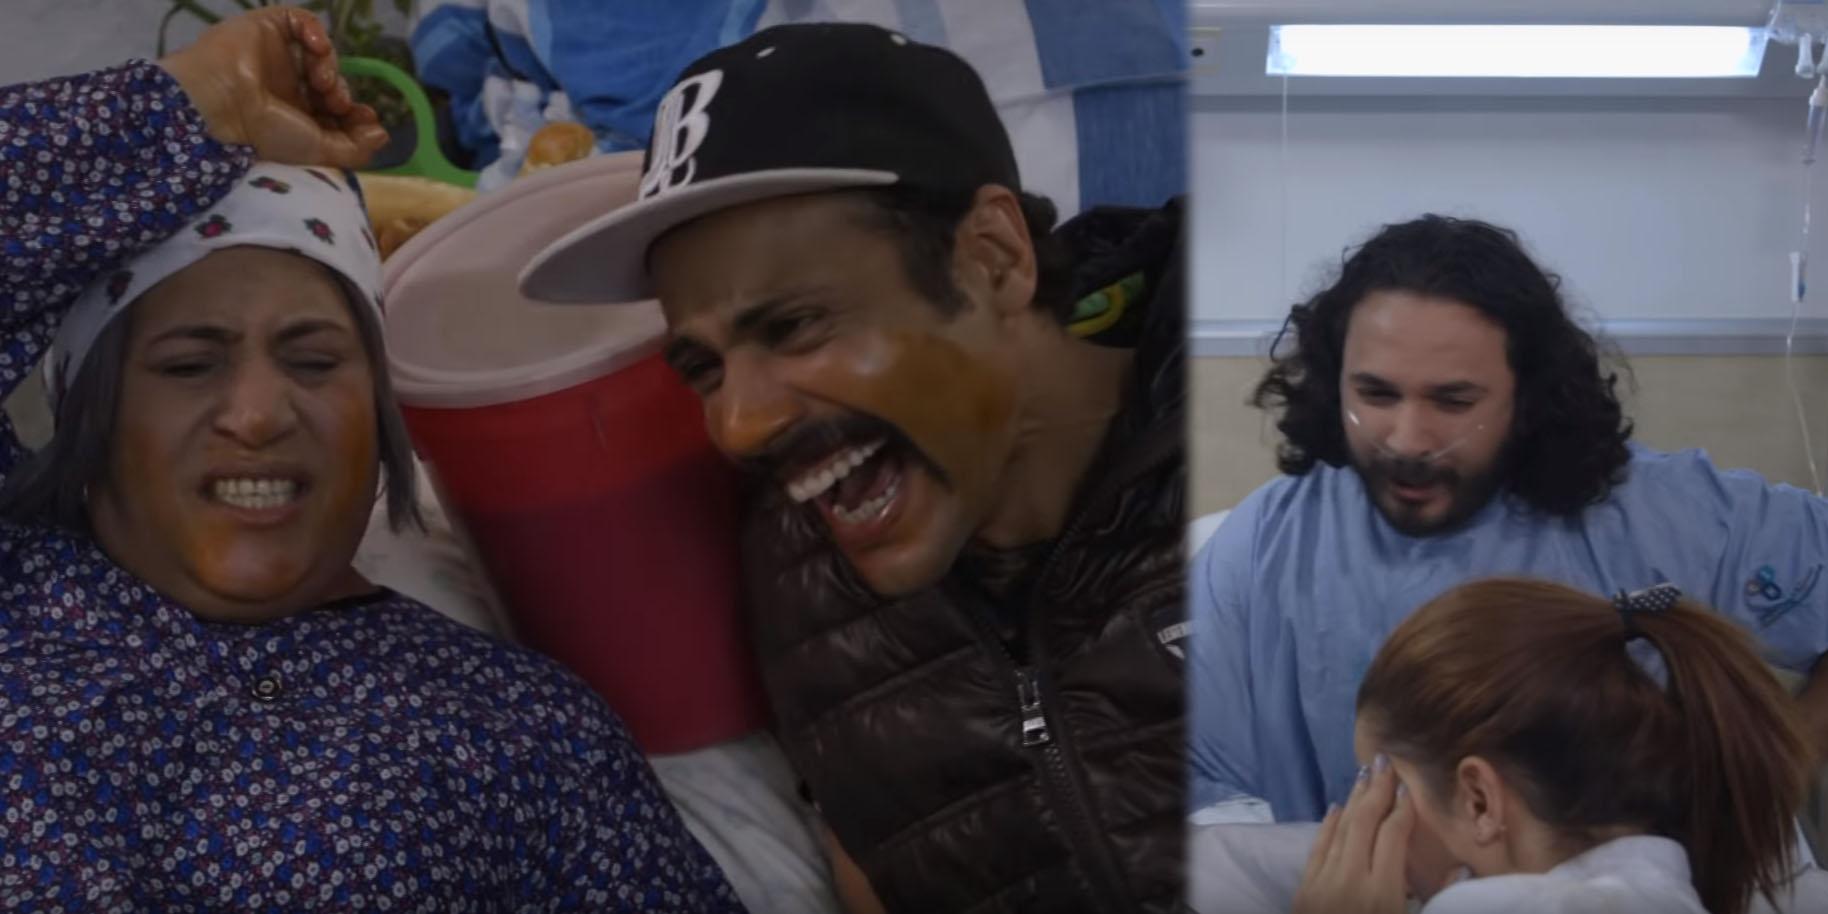 بالفيديو: ''برومو'' سلسلة دنيا أخرى على قناة الحوار التونسي